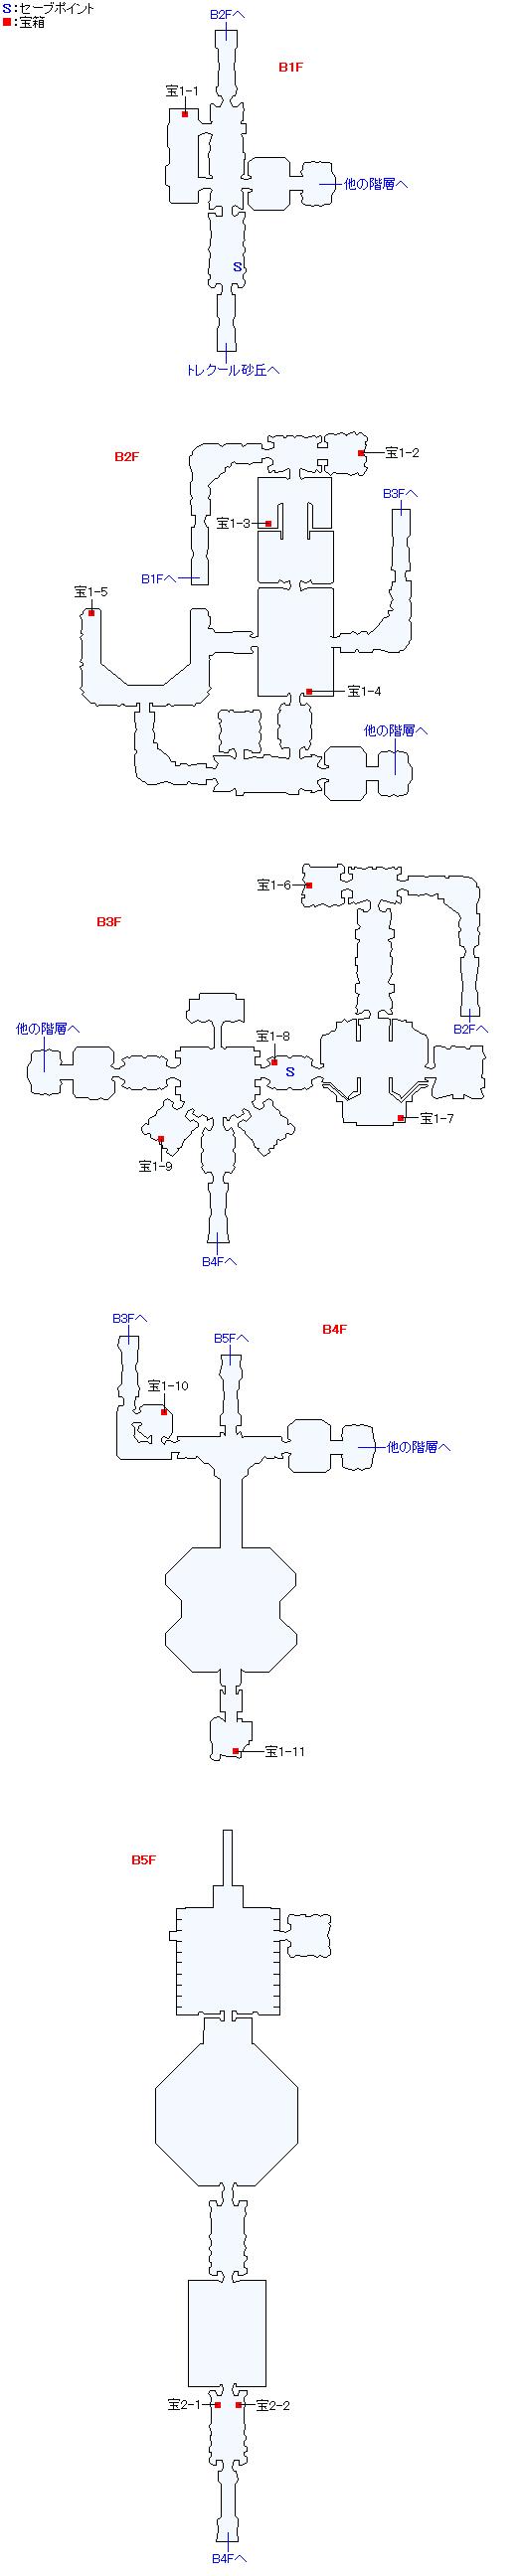 クロノス中央紋章研究所マップ